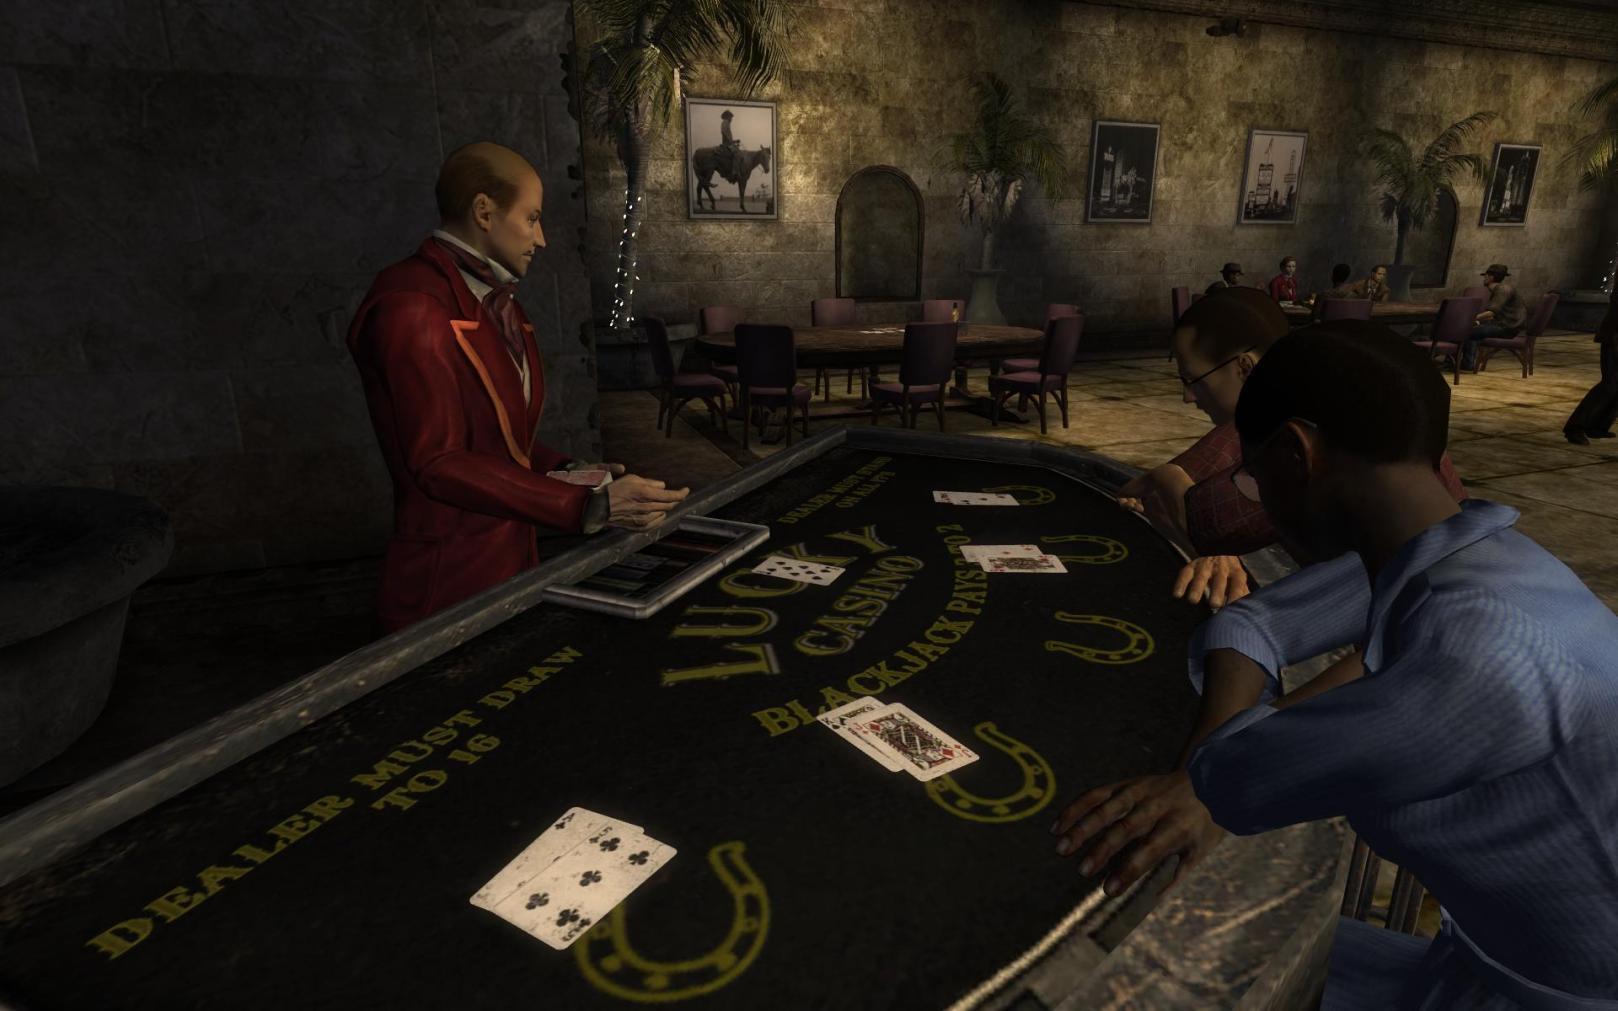 Онлайн казино в бишкеке